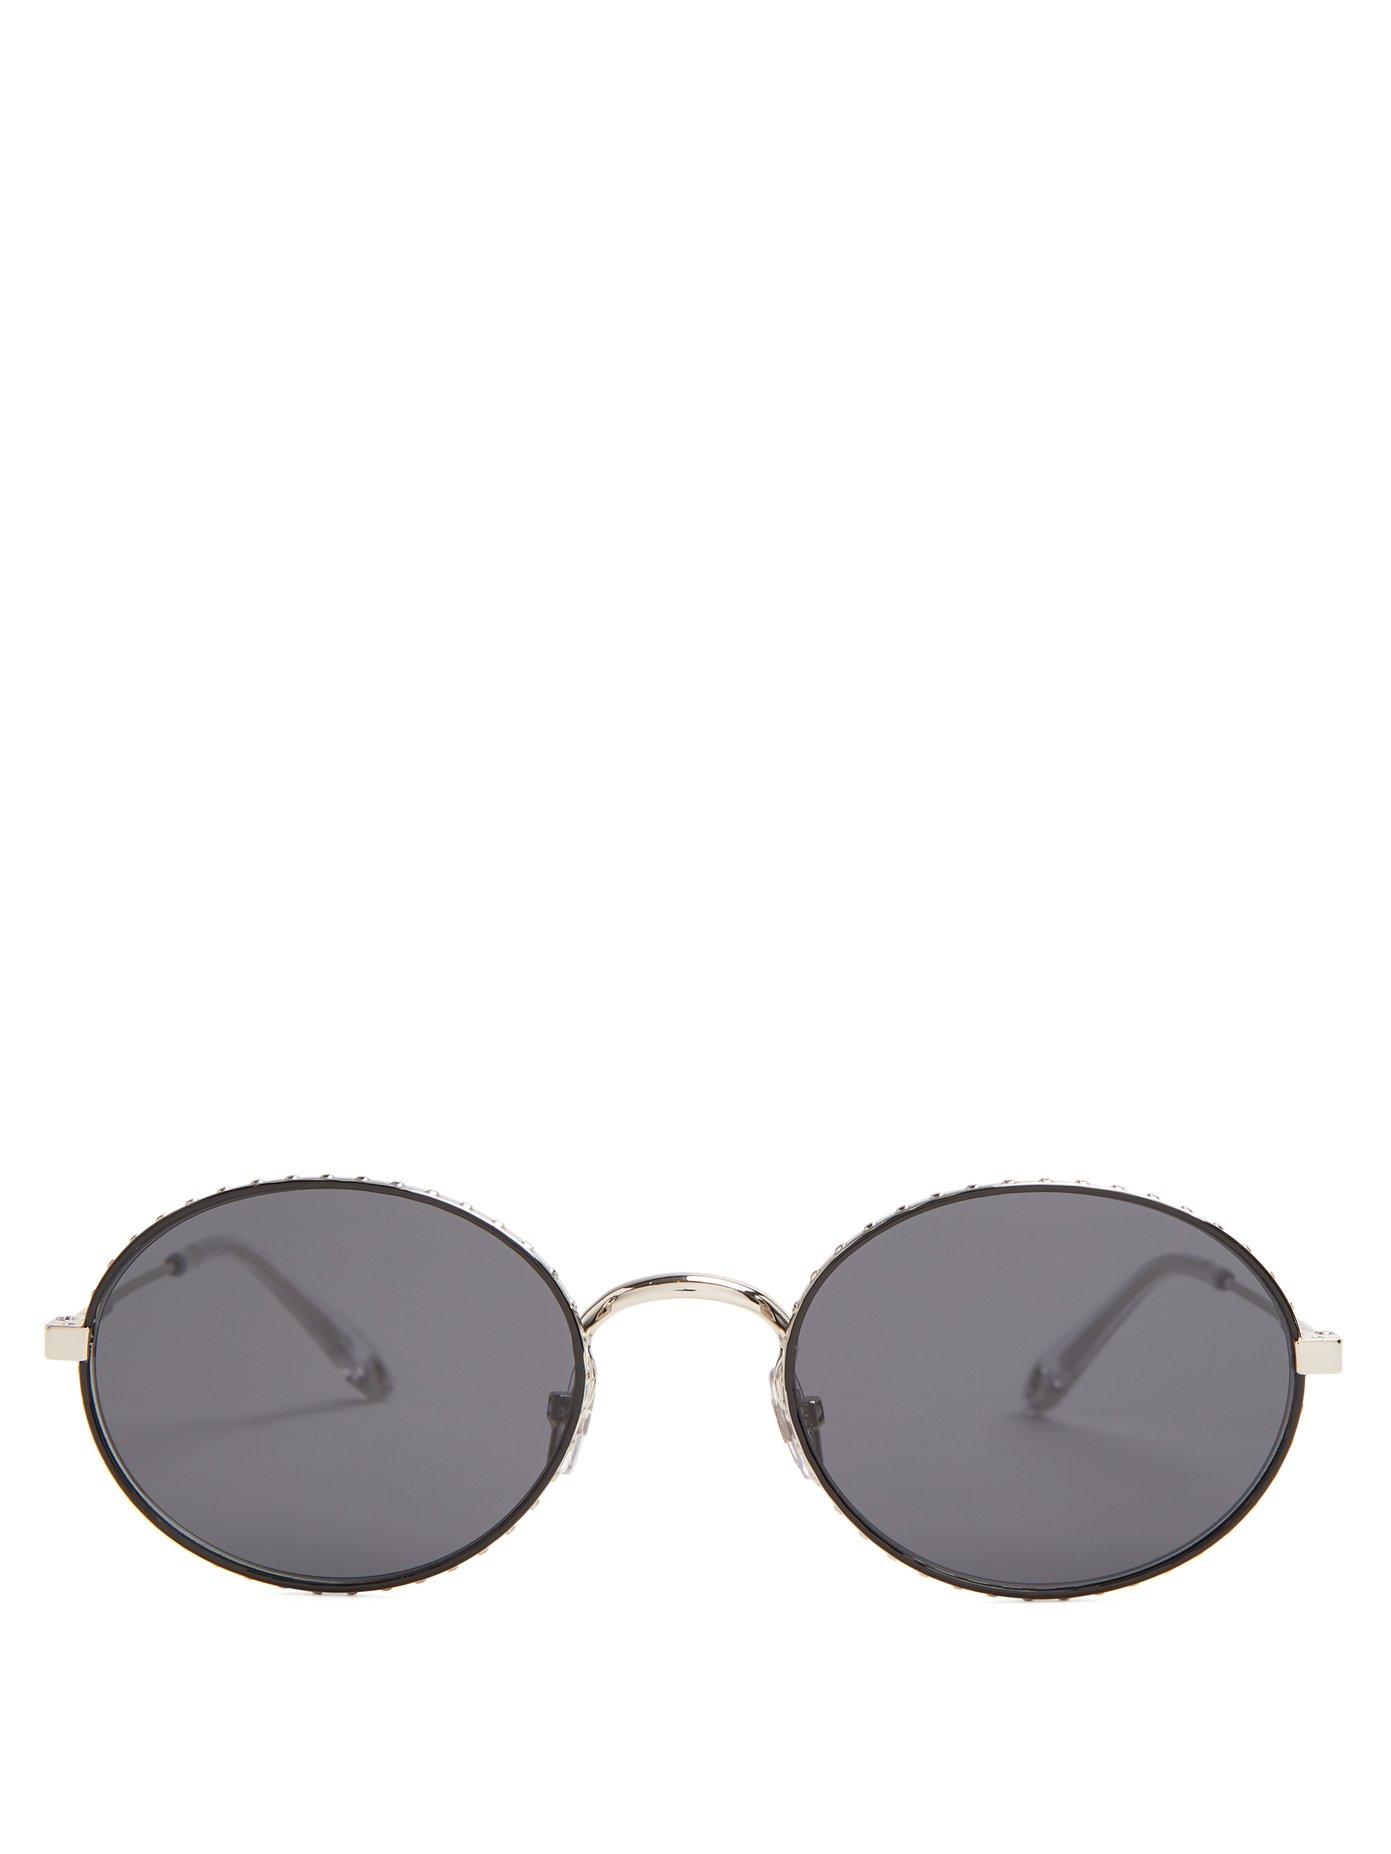 نظارات شمسية من جيفنشي Givenchy